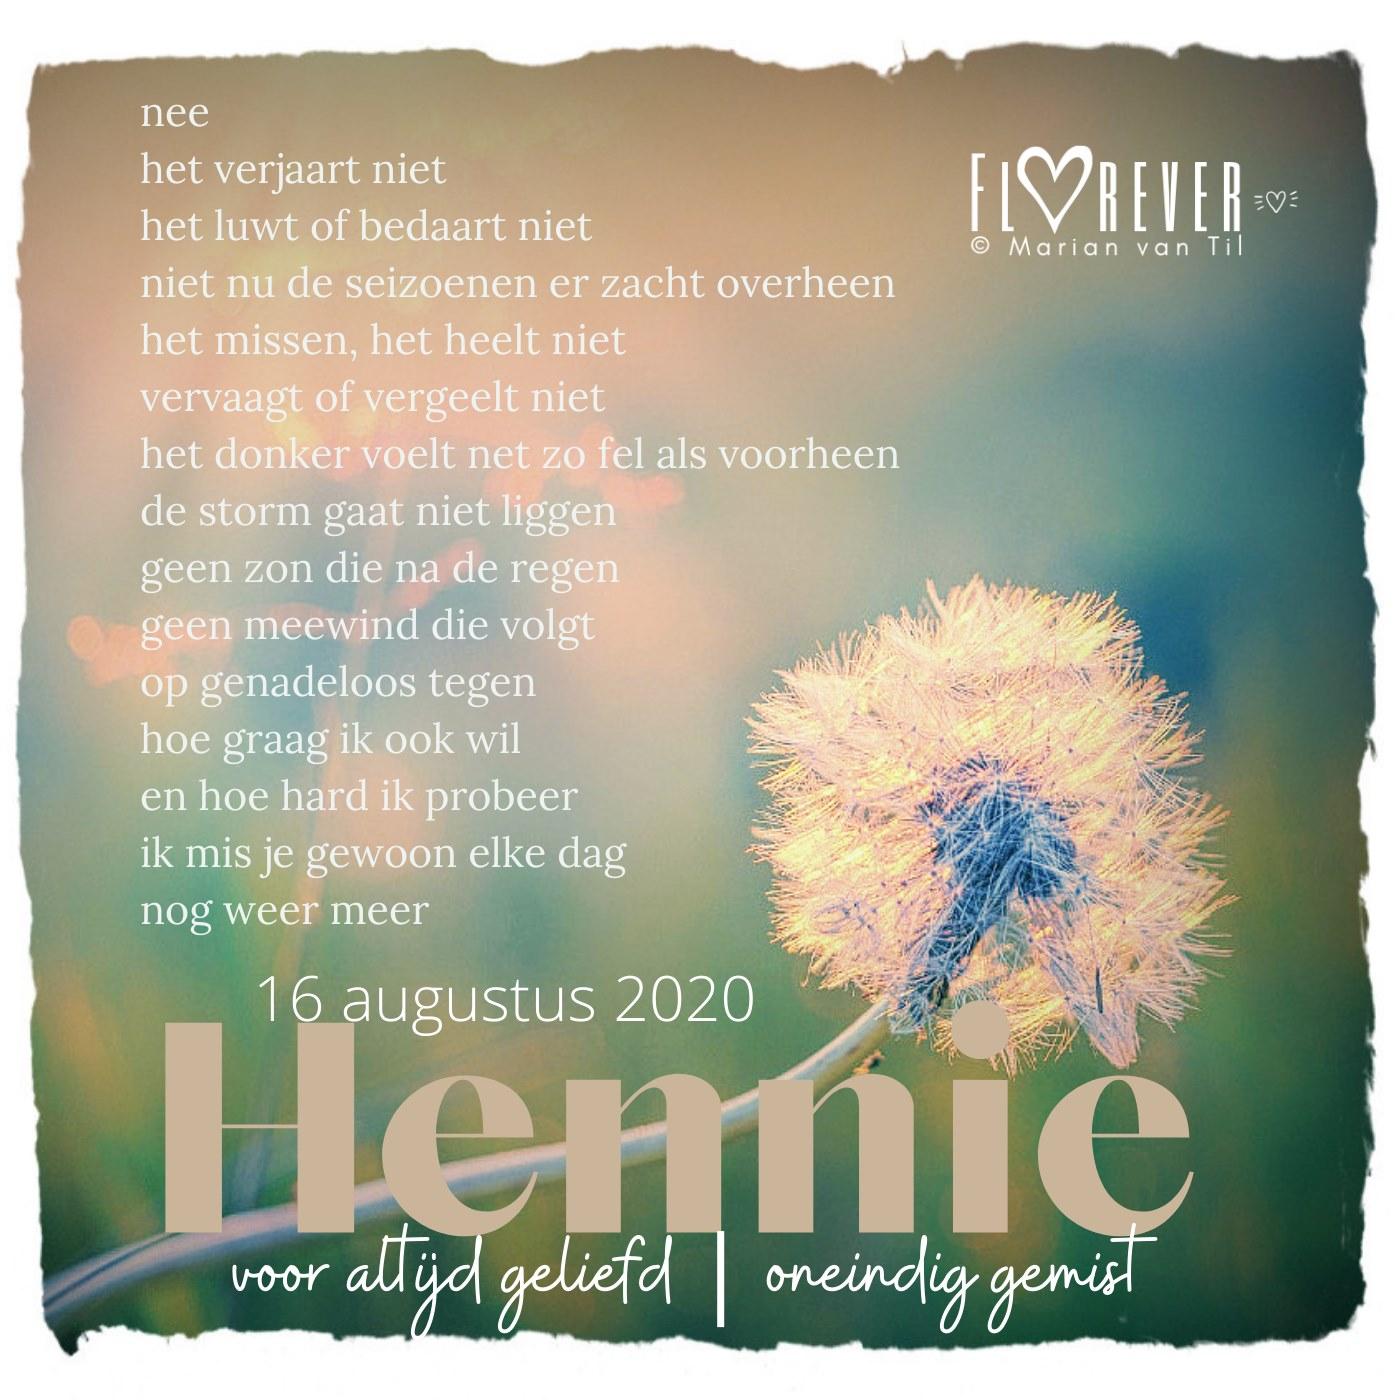 Hennie-voor-altijd-geliefd